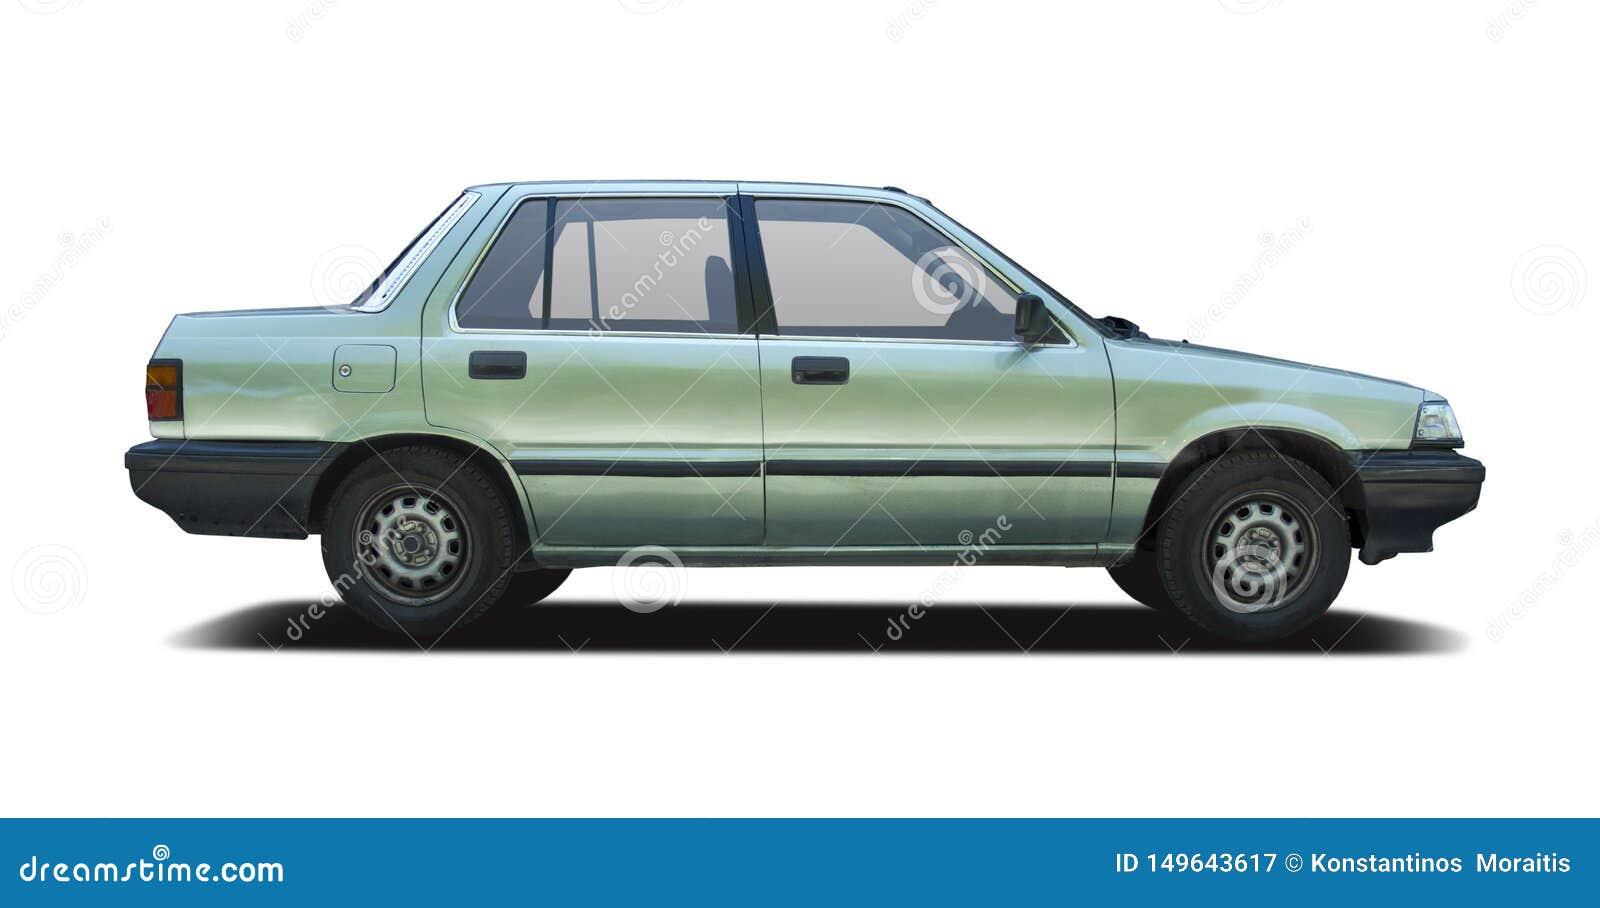 Kelebihan Kekurangan Honda Civic 1988 Harga